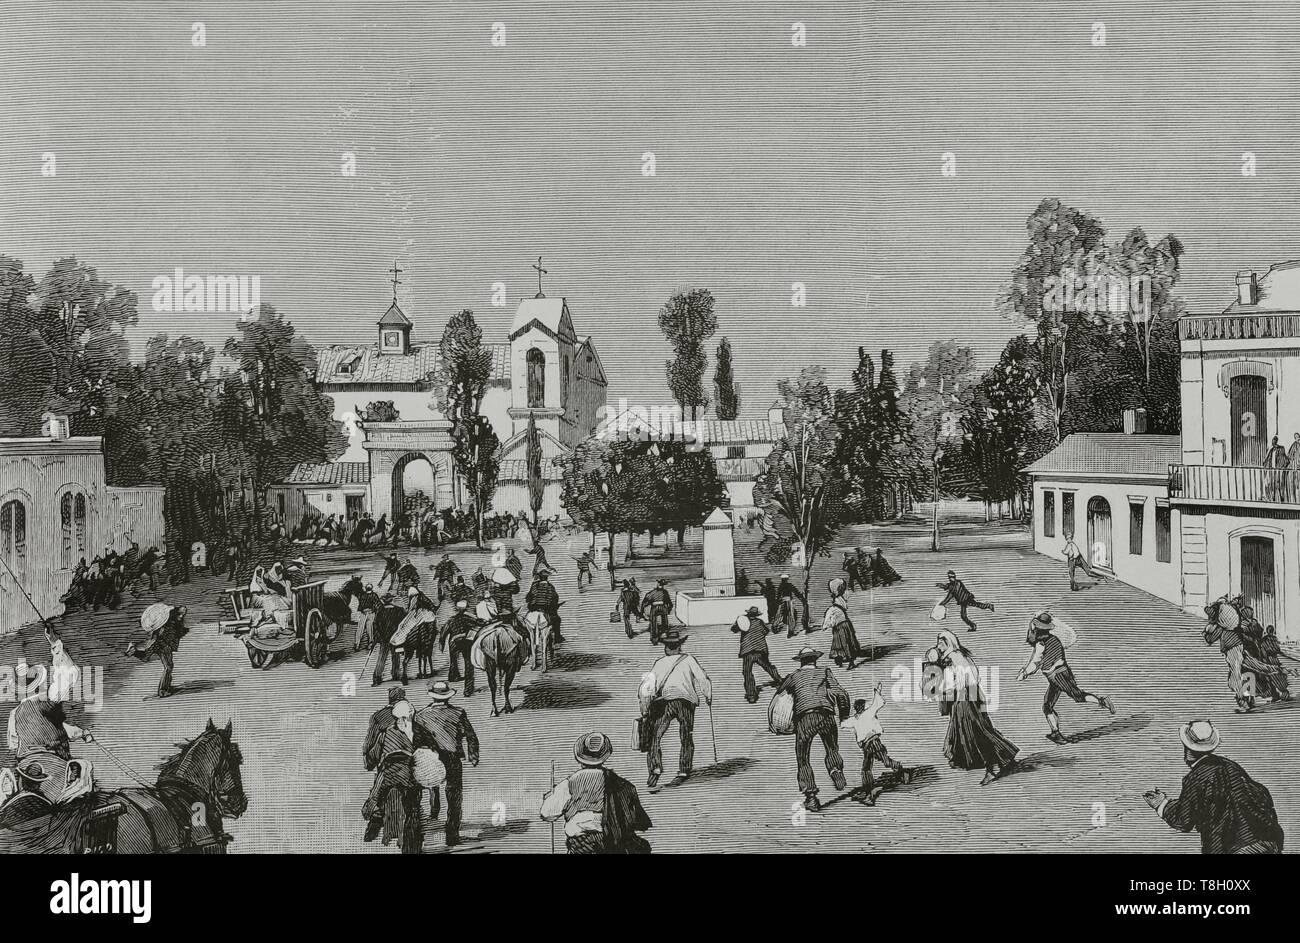 Durante el segundo tercio del siglo XIX muchos europeos fueron a hacer fortuna al norte de Argelia. El 22 de junio de 1881 los hombres de Bu-Amena atacaron a los agricultores provocando el pánico entre los emigrantes europeos. Muchos regresaron a sus paises de origen. Argelia, Saida (Orán). Pánico de los habitantes europeos al llegar los colonos que pudieron librarse de las matanzas de Kharfaffah. Grabado por Bernardo Rico y Ortega (1825-1894). La Ilustración Española y Americana, 8 de agosto de 1881. - Stock Image